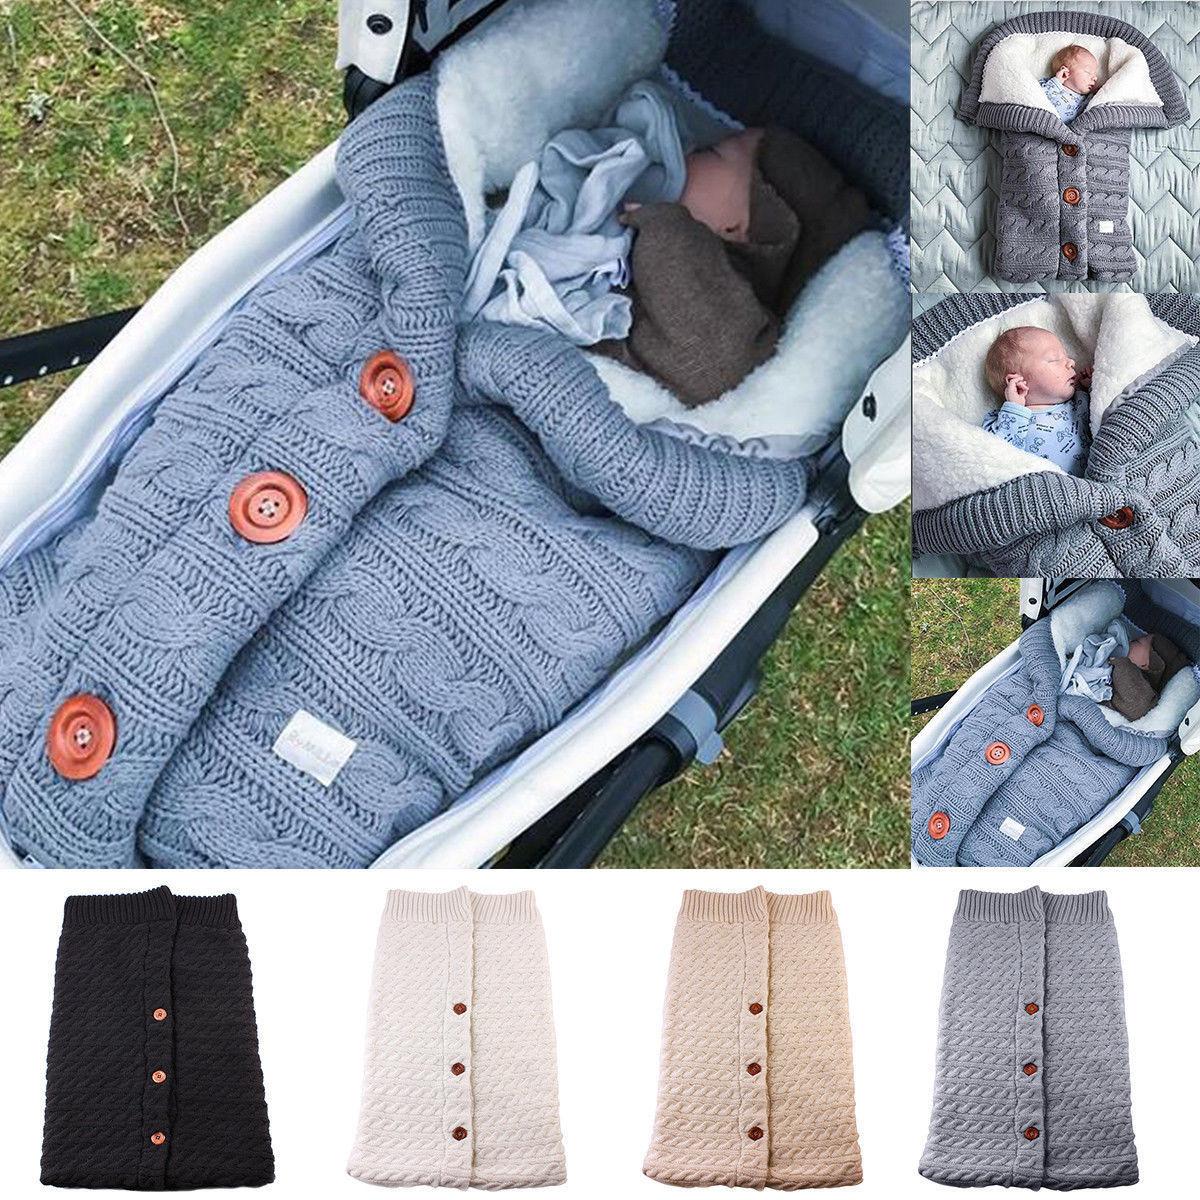 Nouveau-né bébé hiver chaud sacs de couchage infantile bouton tricot lange d'emmaillotage emmailling poussette enveloppement bambin couverture sacs de couchage